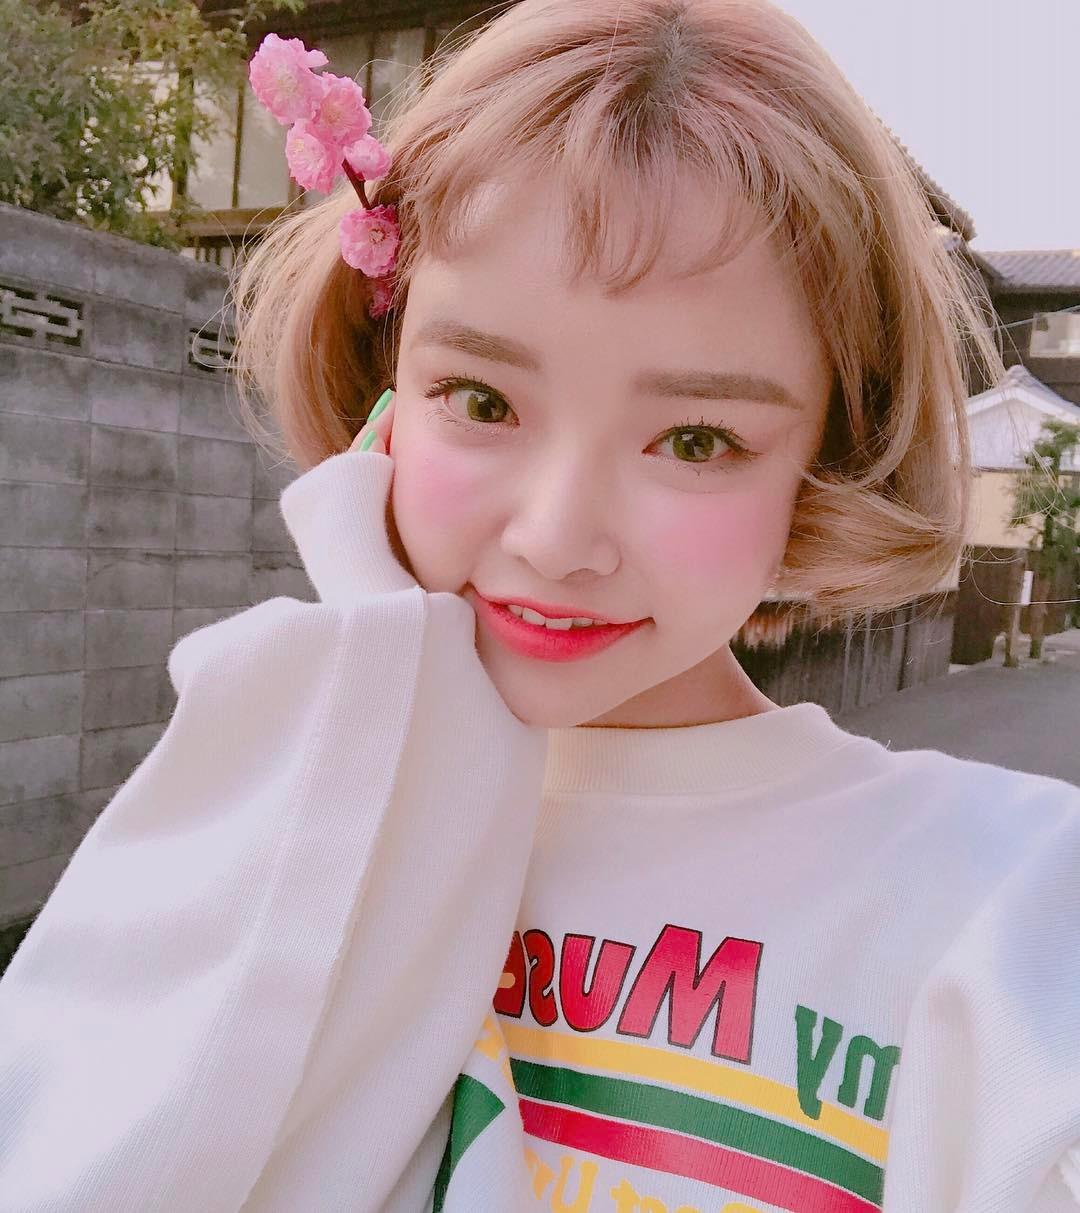 Con gái từ Hàn sang Việt cứ đập cả mặt với tiêm má tròn căng, lẽ nào xu hướng mặt phù sắp tiếm ngôi mặt V-line? - Ảnh 1.